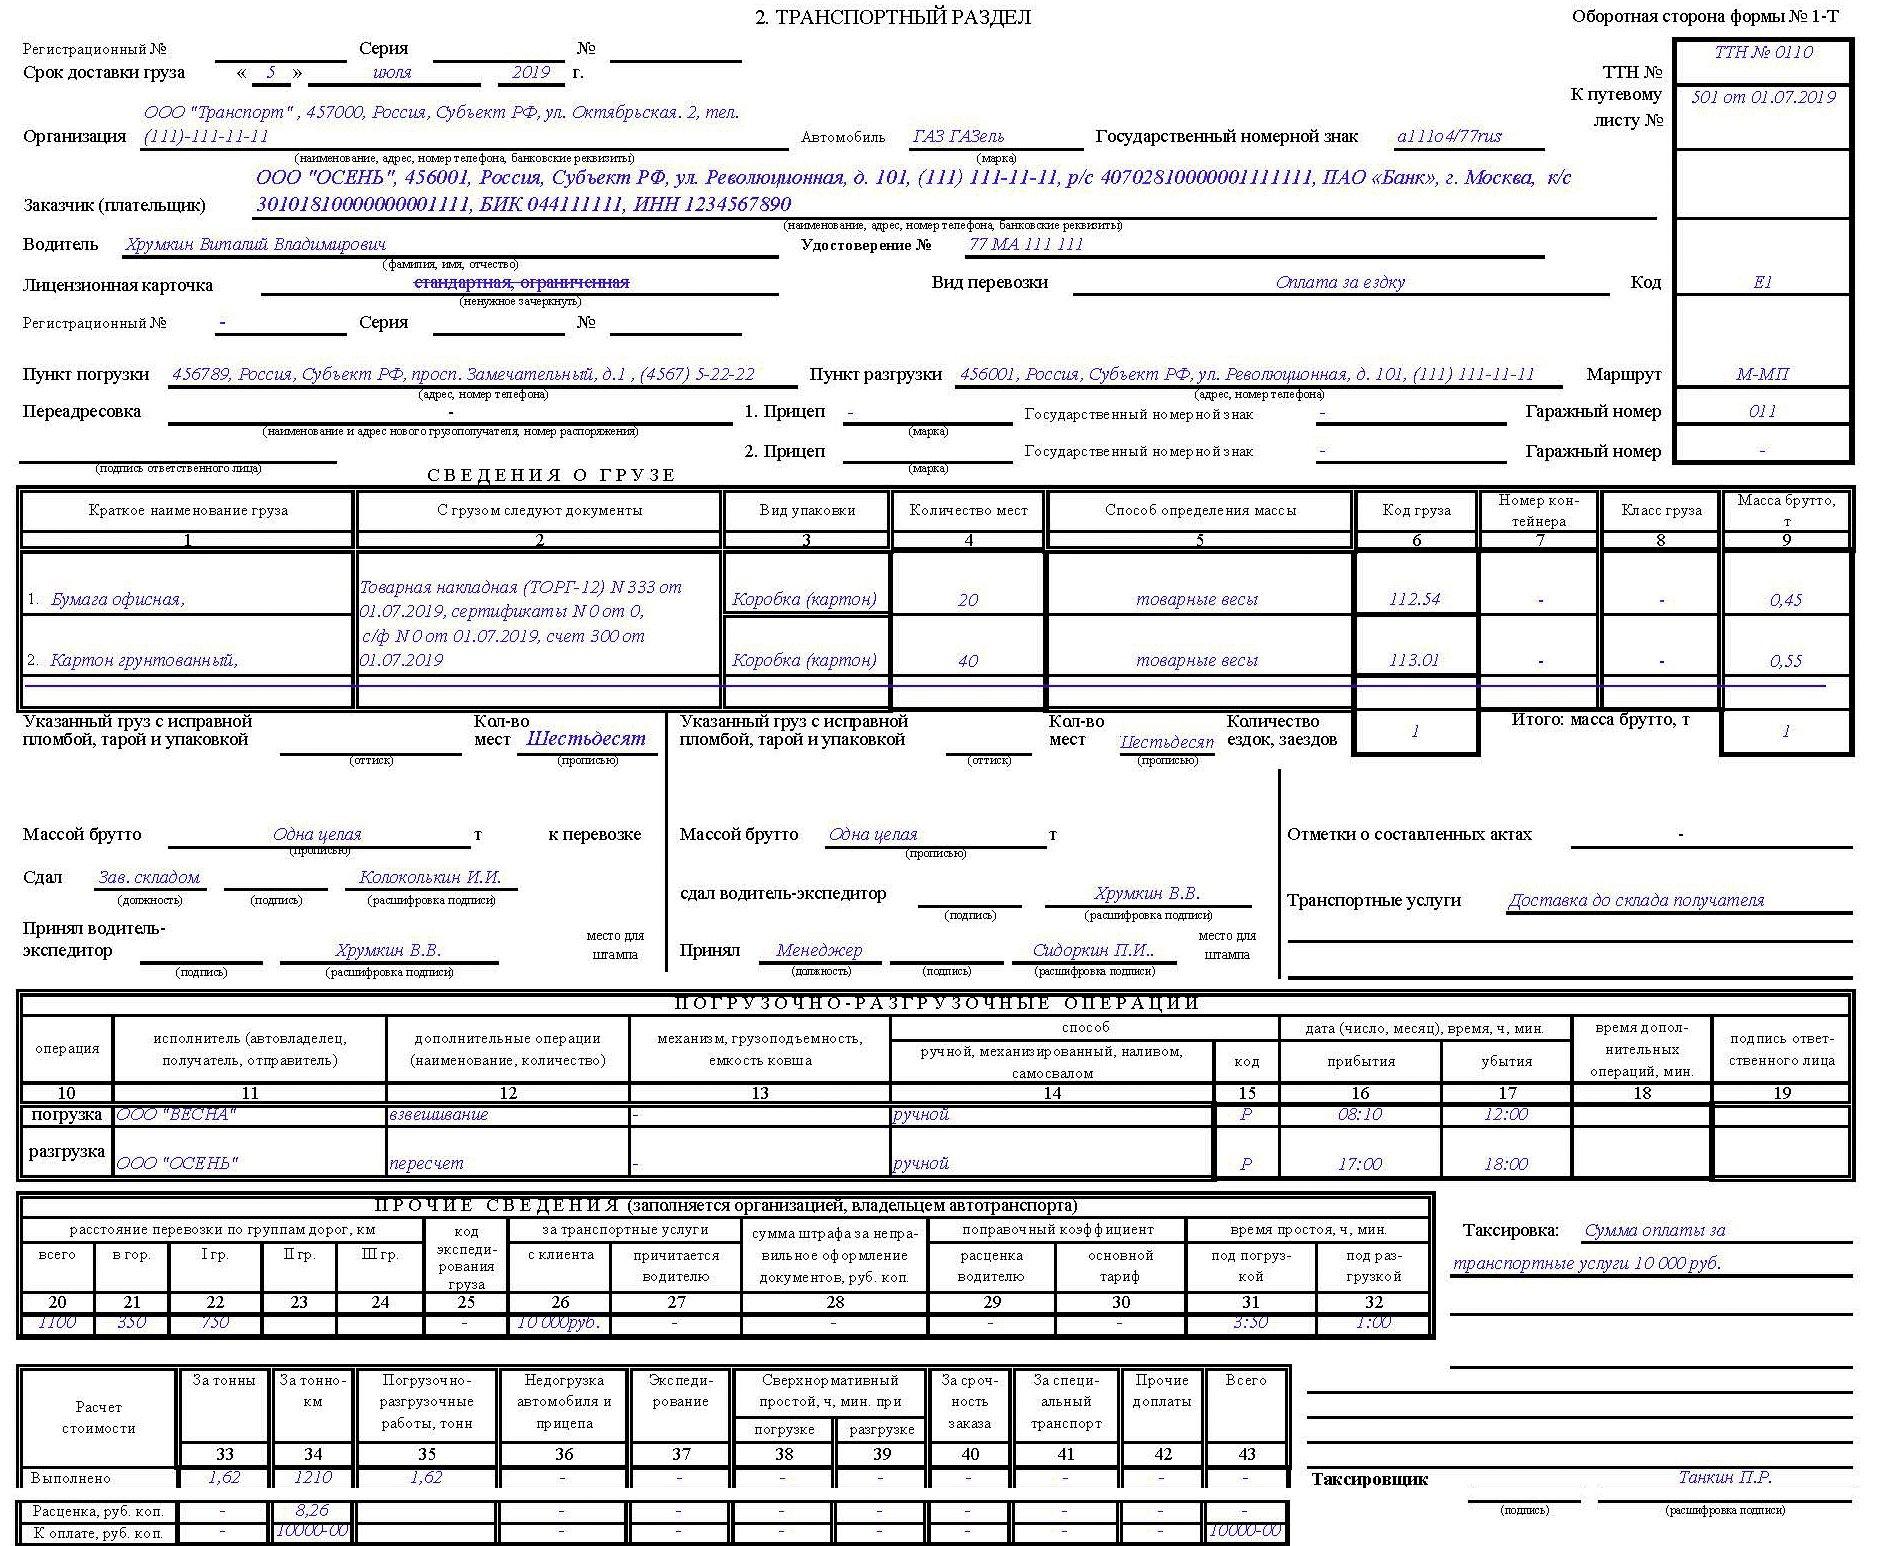 Товарная накладная: назначение, оформление, объединение со счетом-фактурой